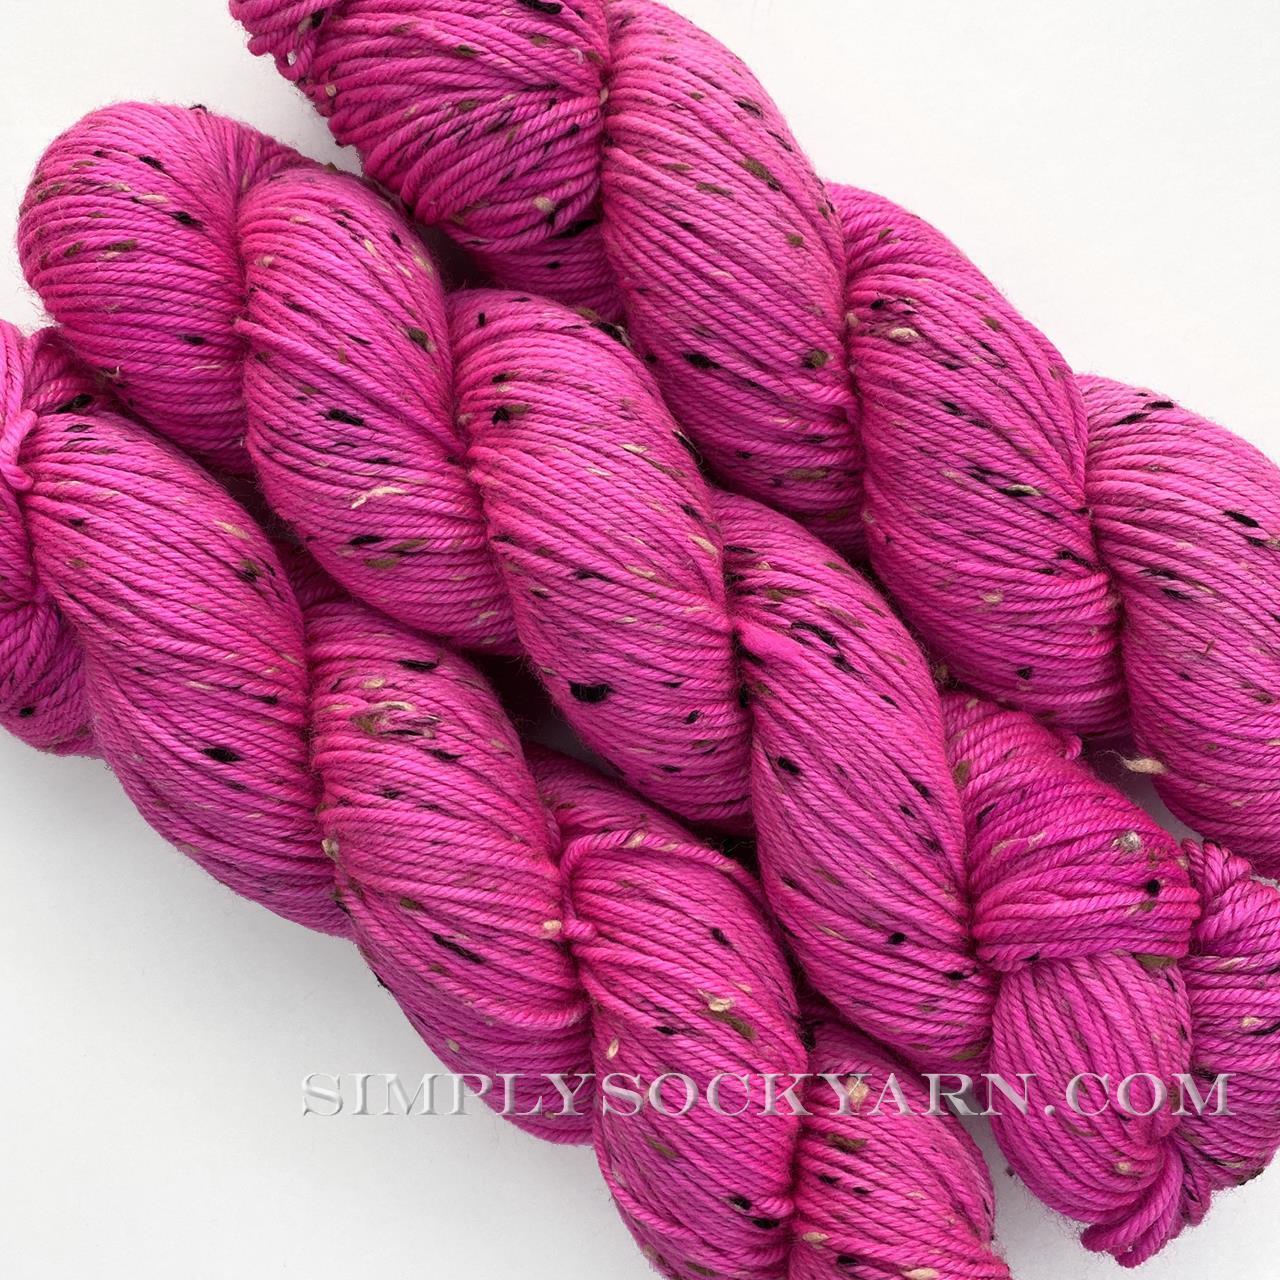 LTY Tweed DK Vice -